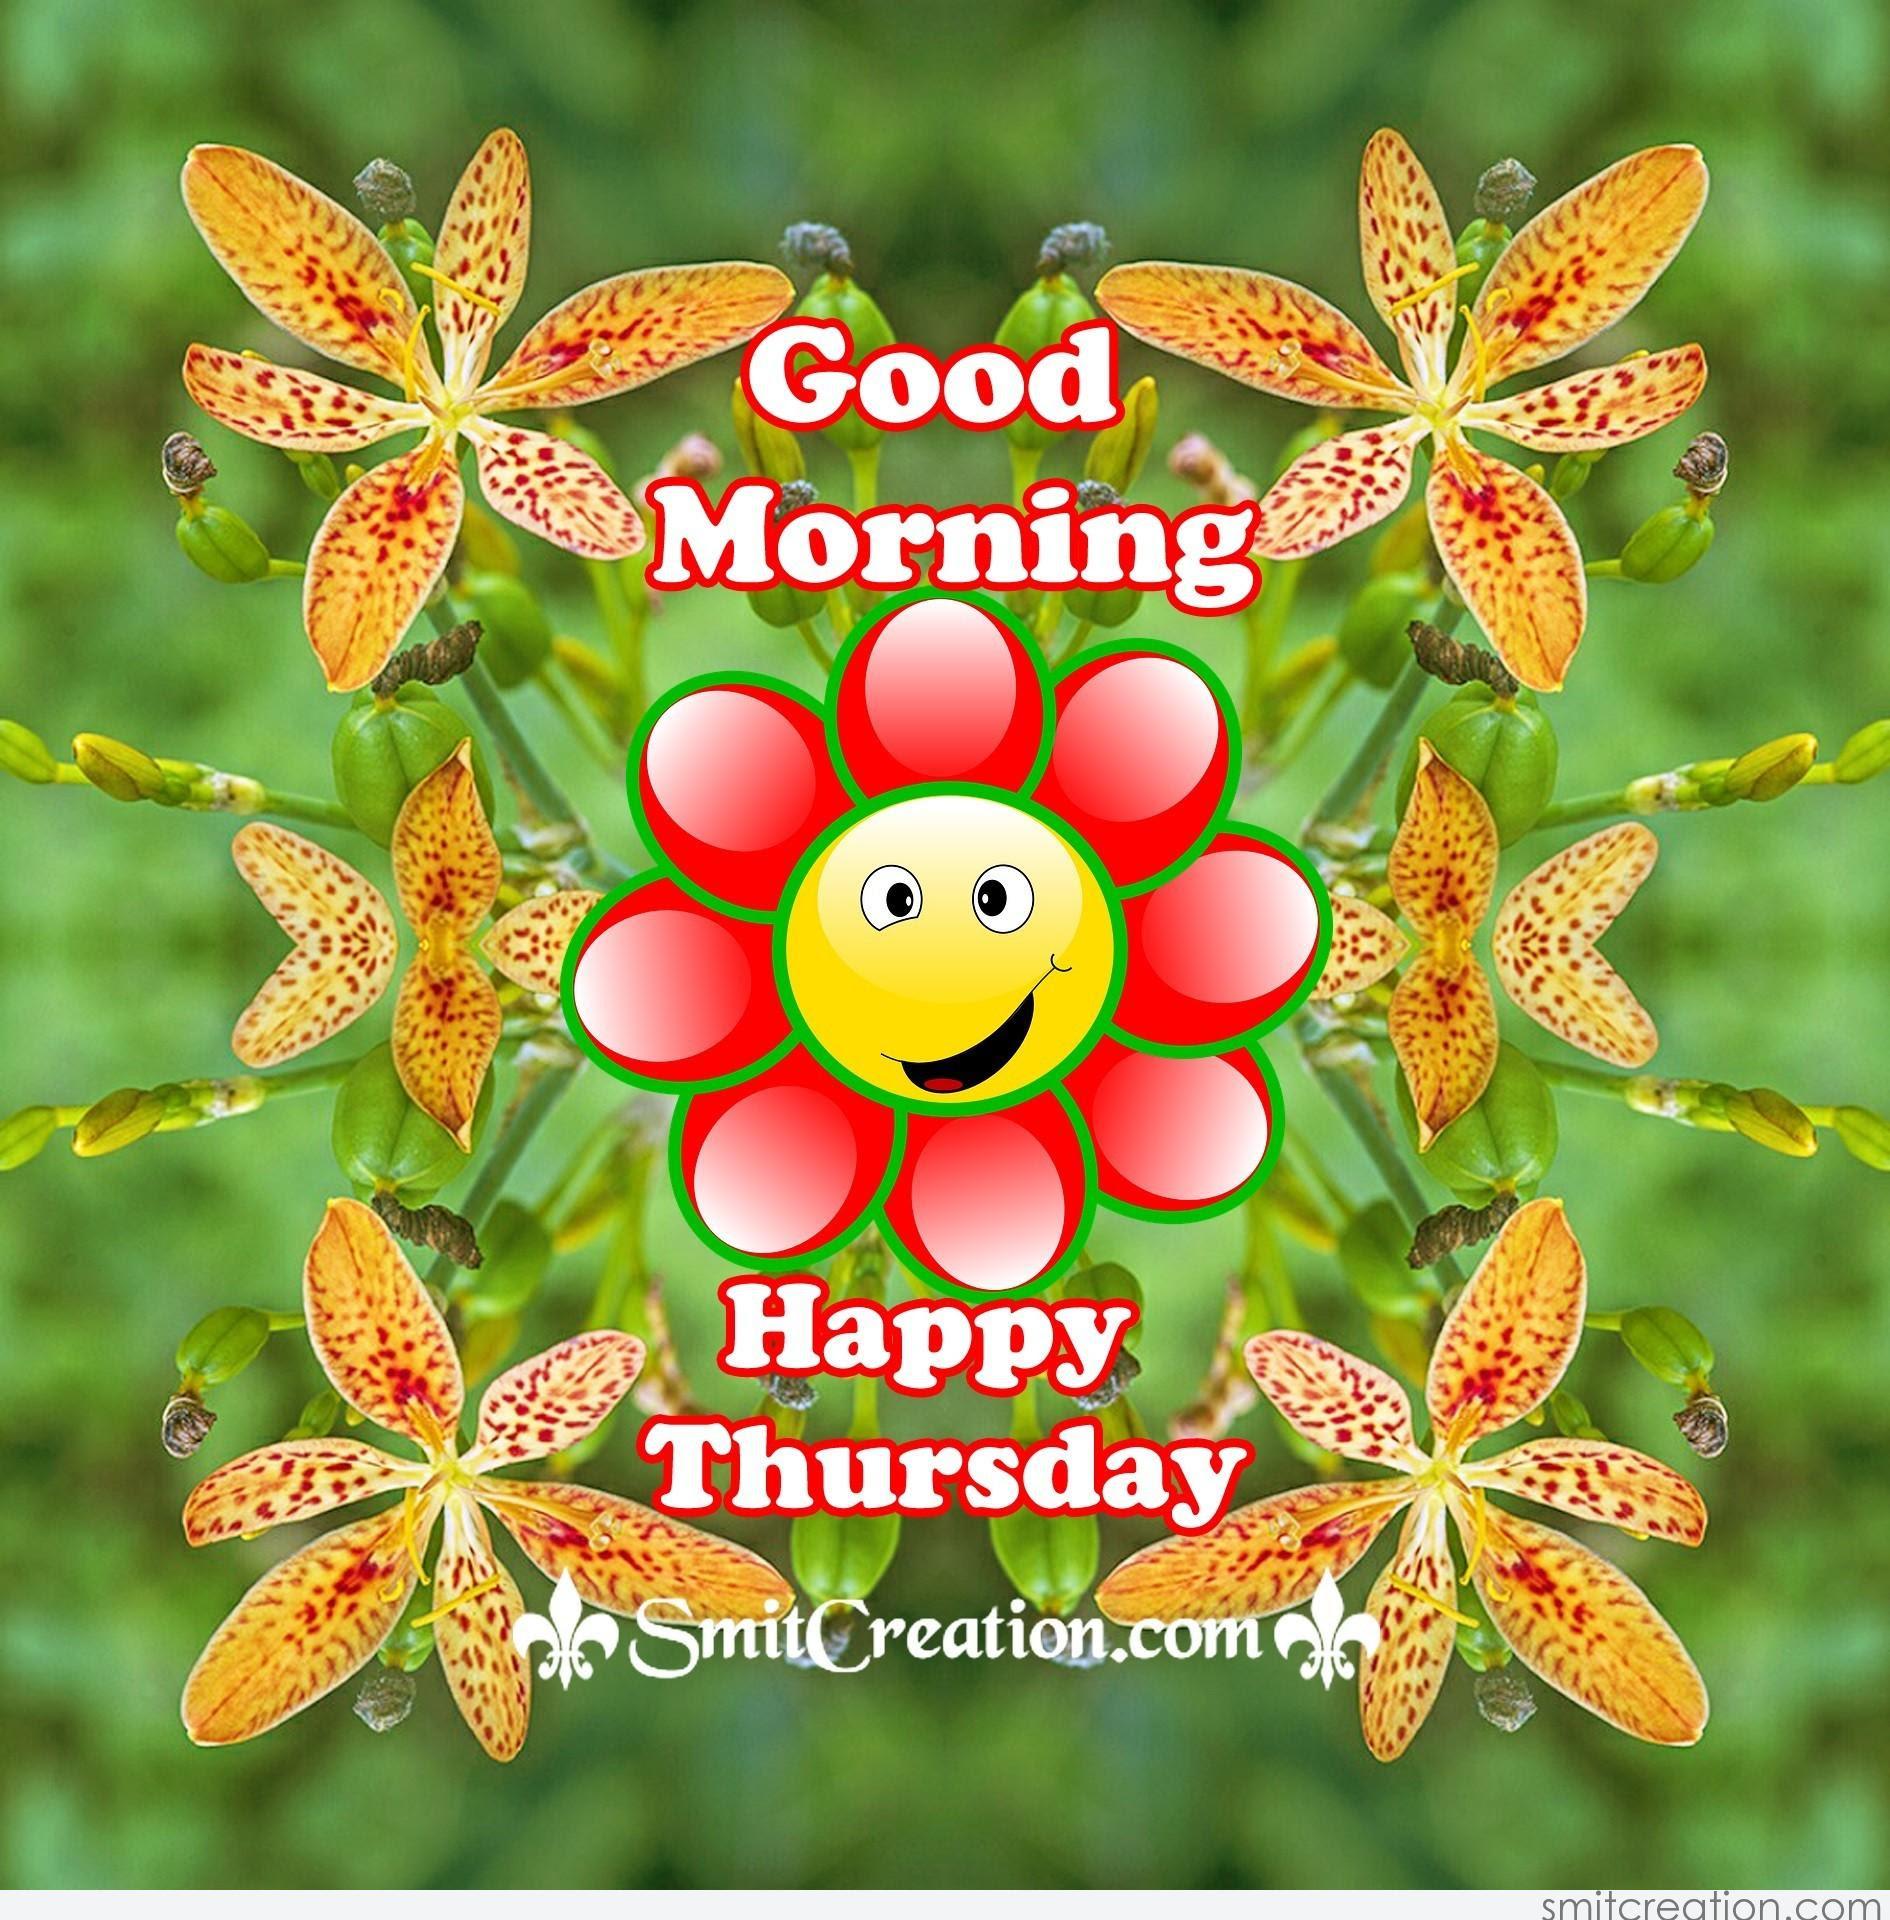 Good Morning Happy Thursday - SmitCreation.com